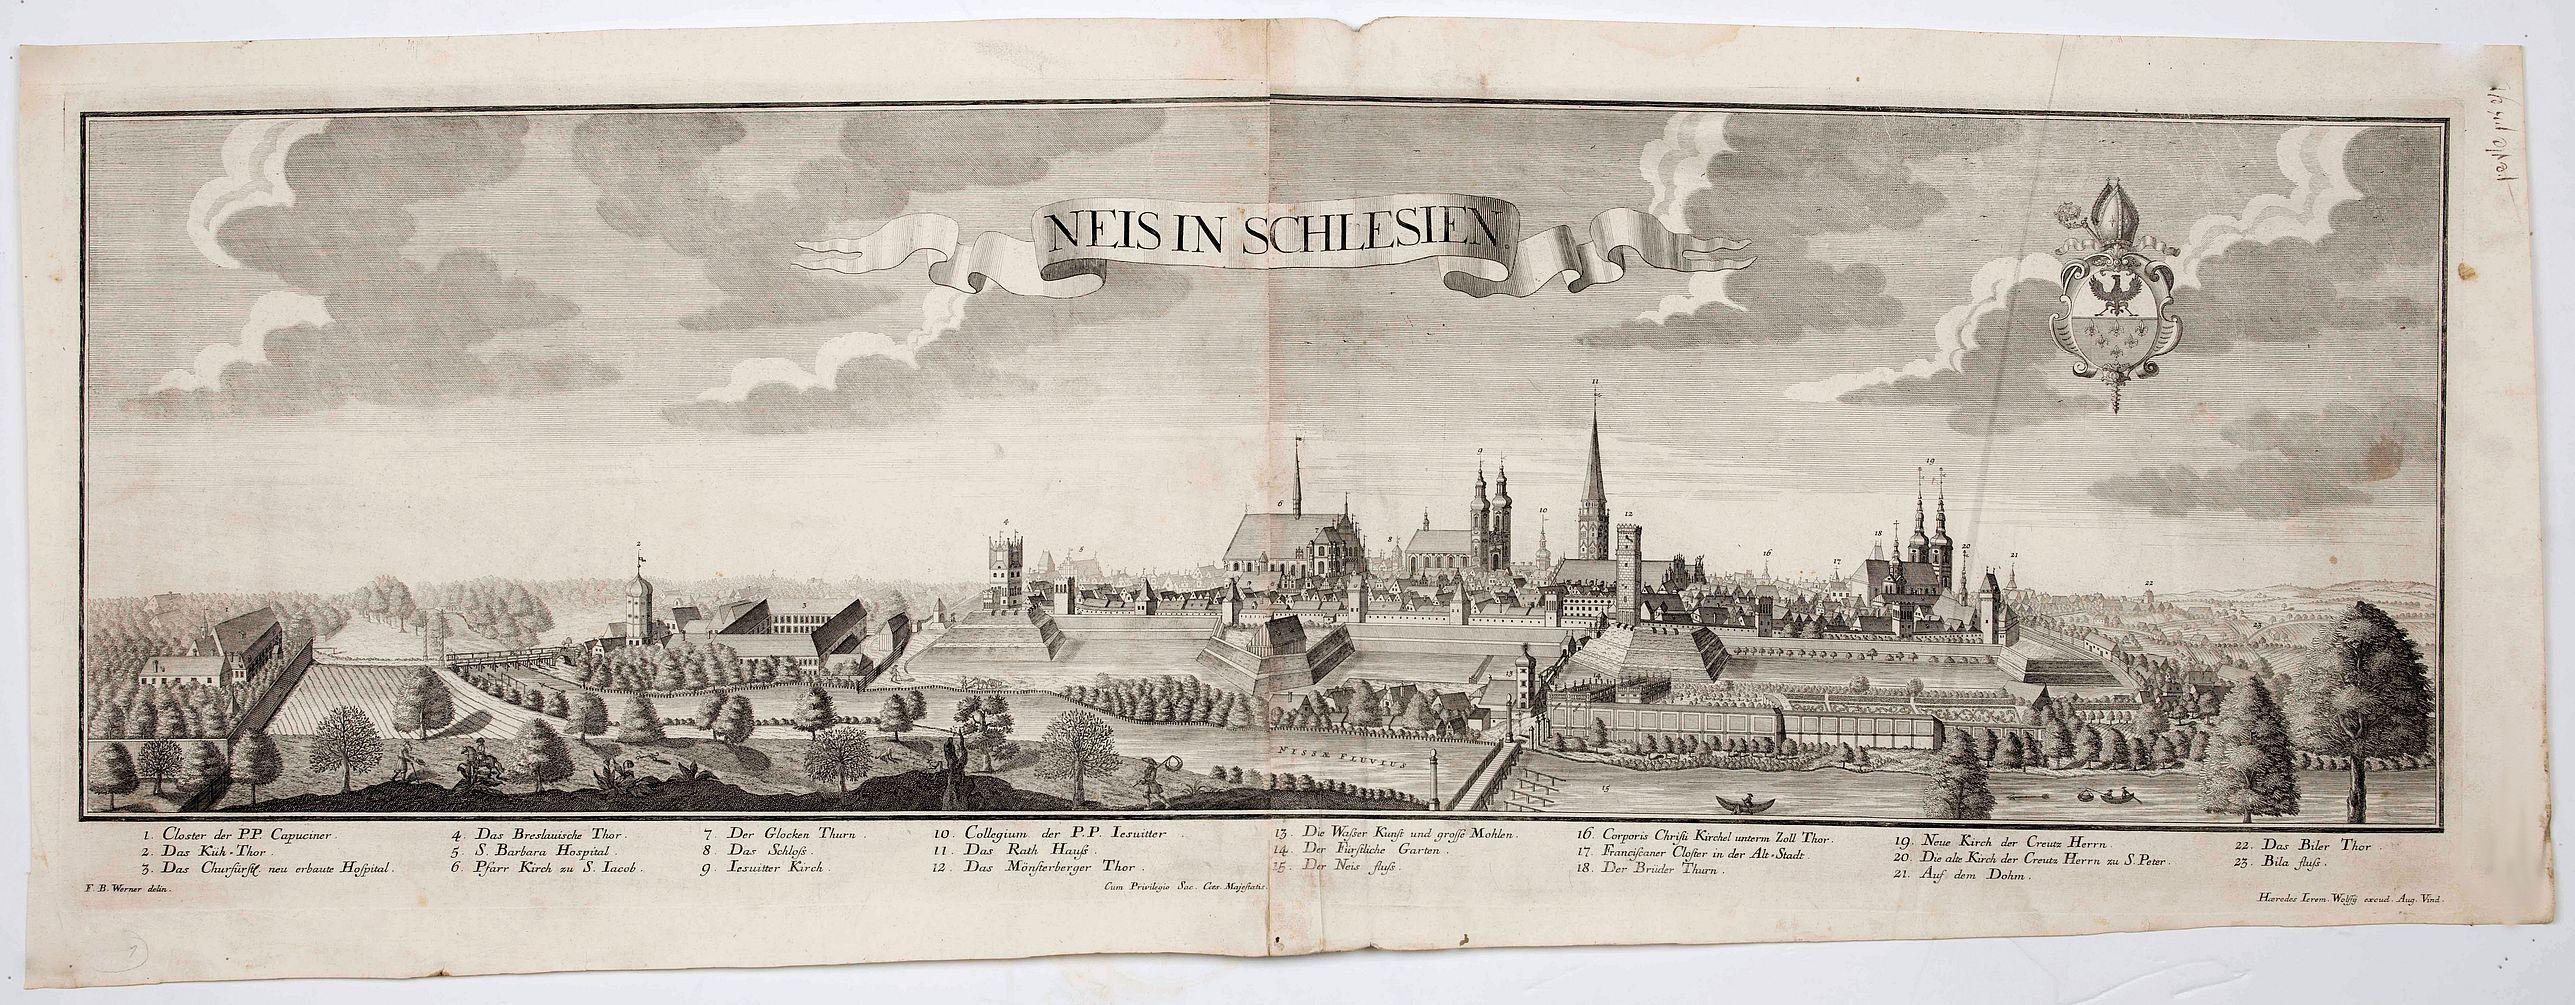 WOLFF, J. heirs / WERNER, F. B. -  Neis in Schlesien. (Nysa)